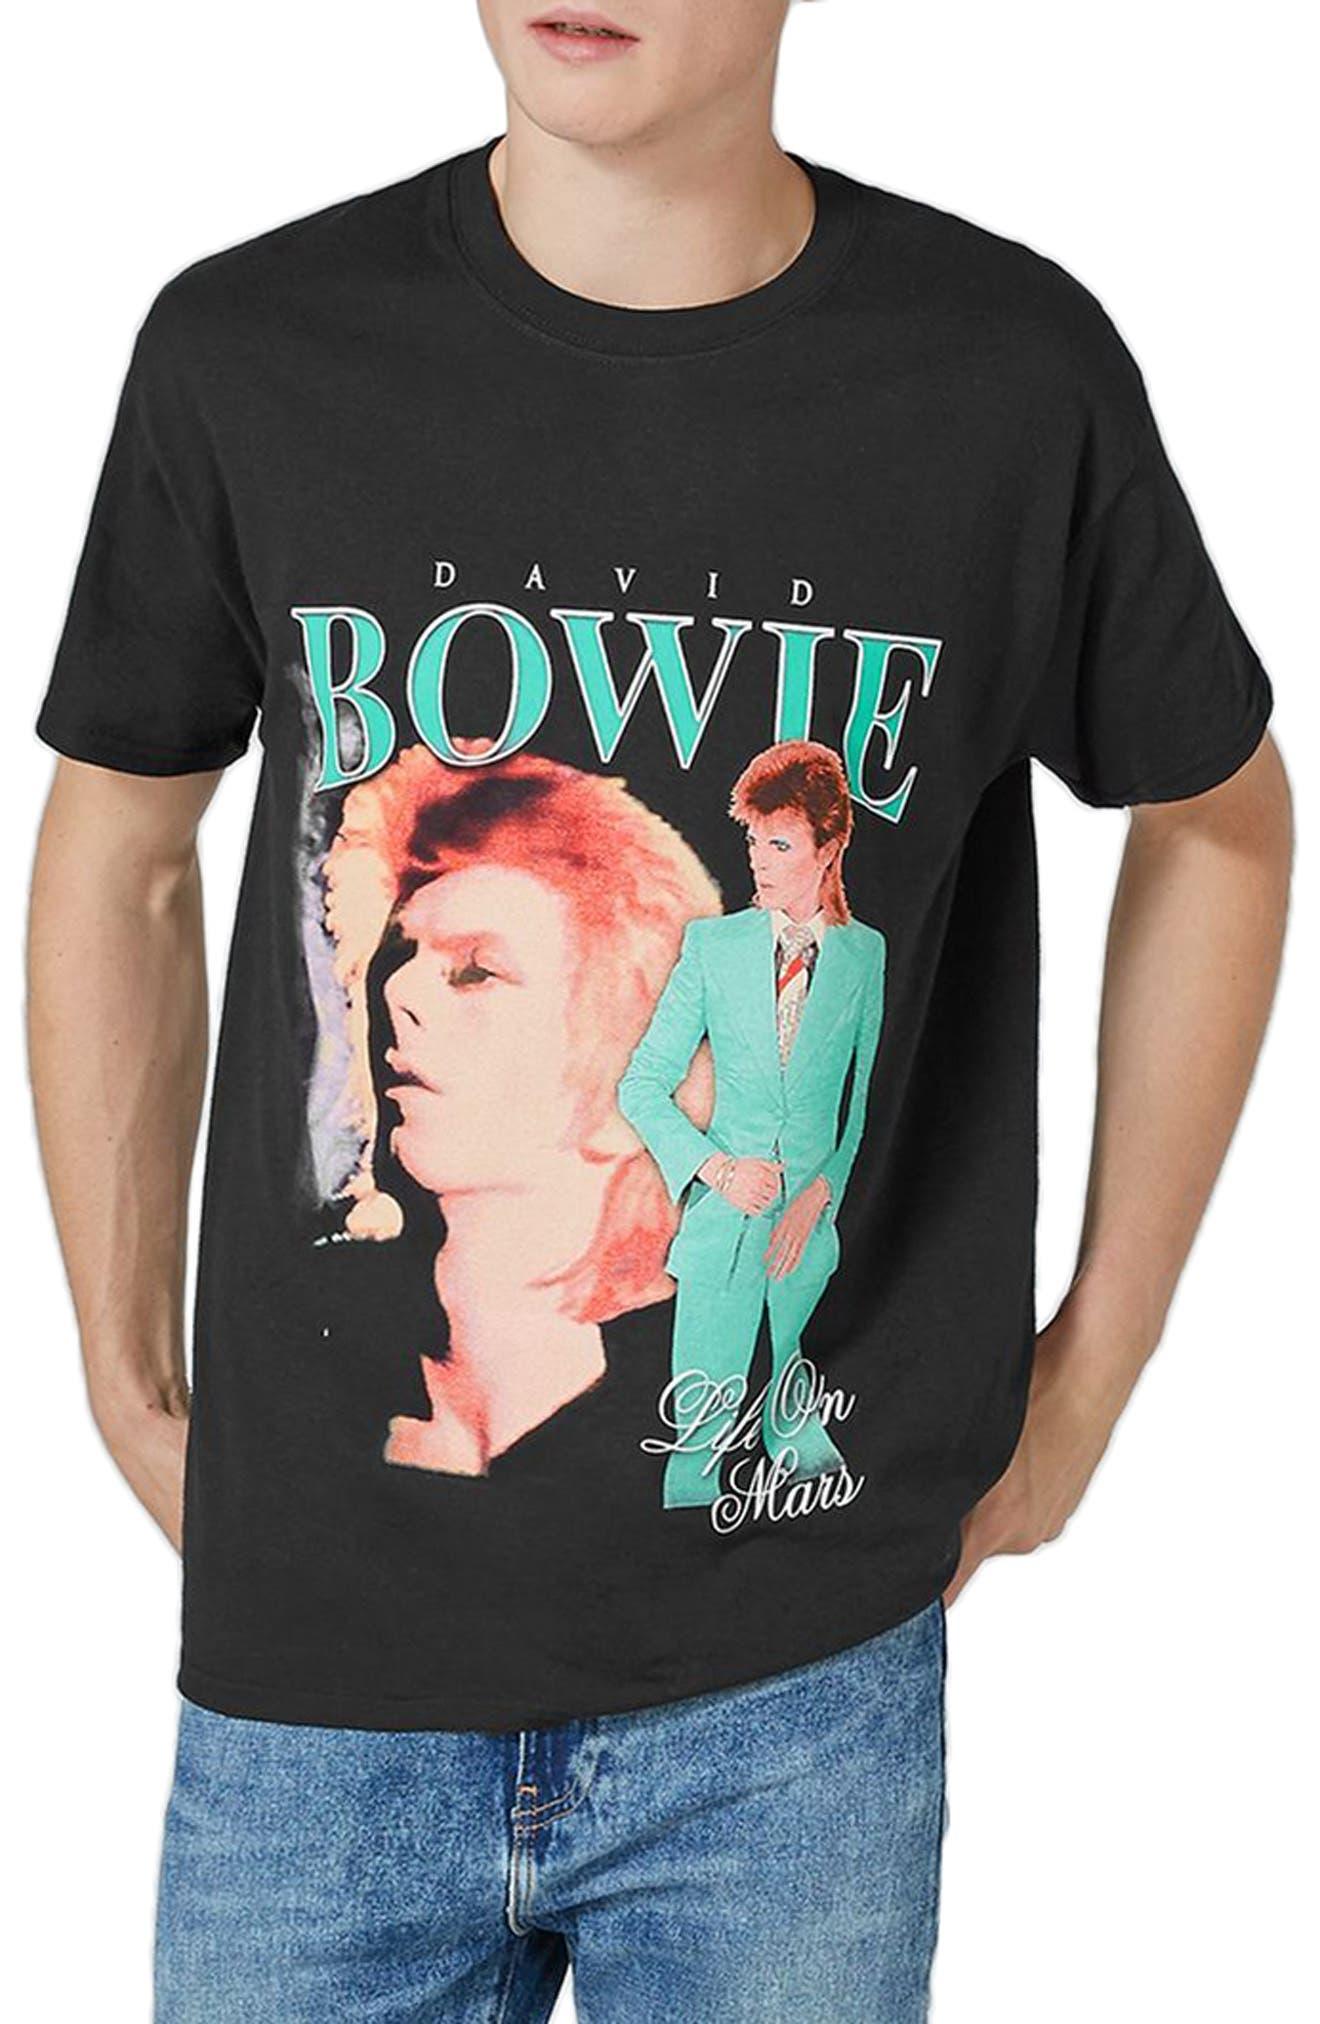 David Bowie Graphic T-Shirt,                             Main thumbnail 1, color,                             Black Multi